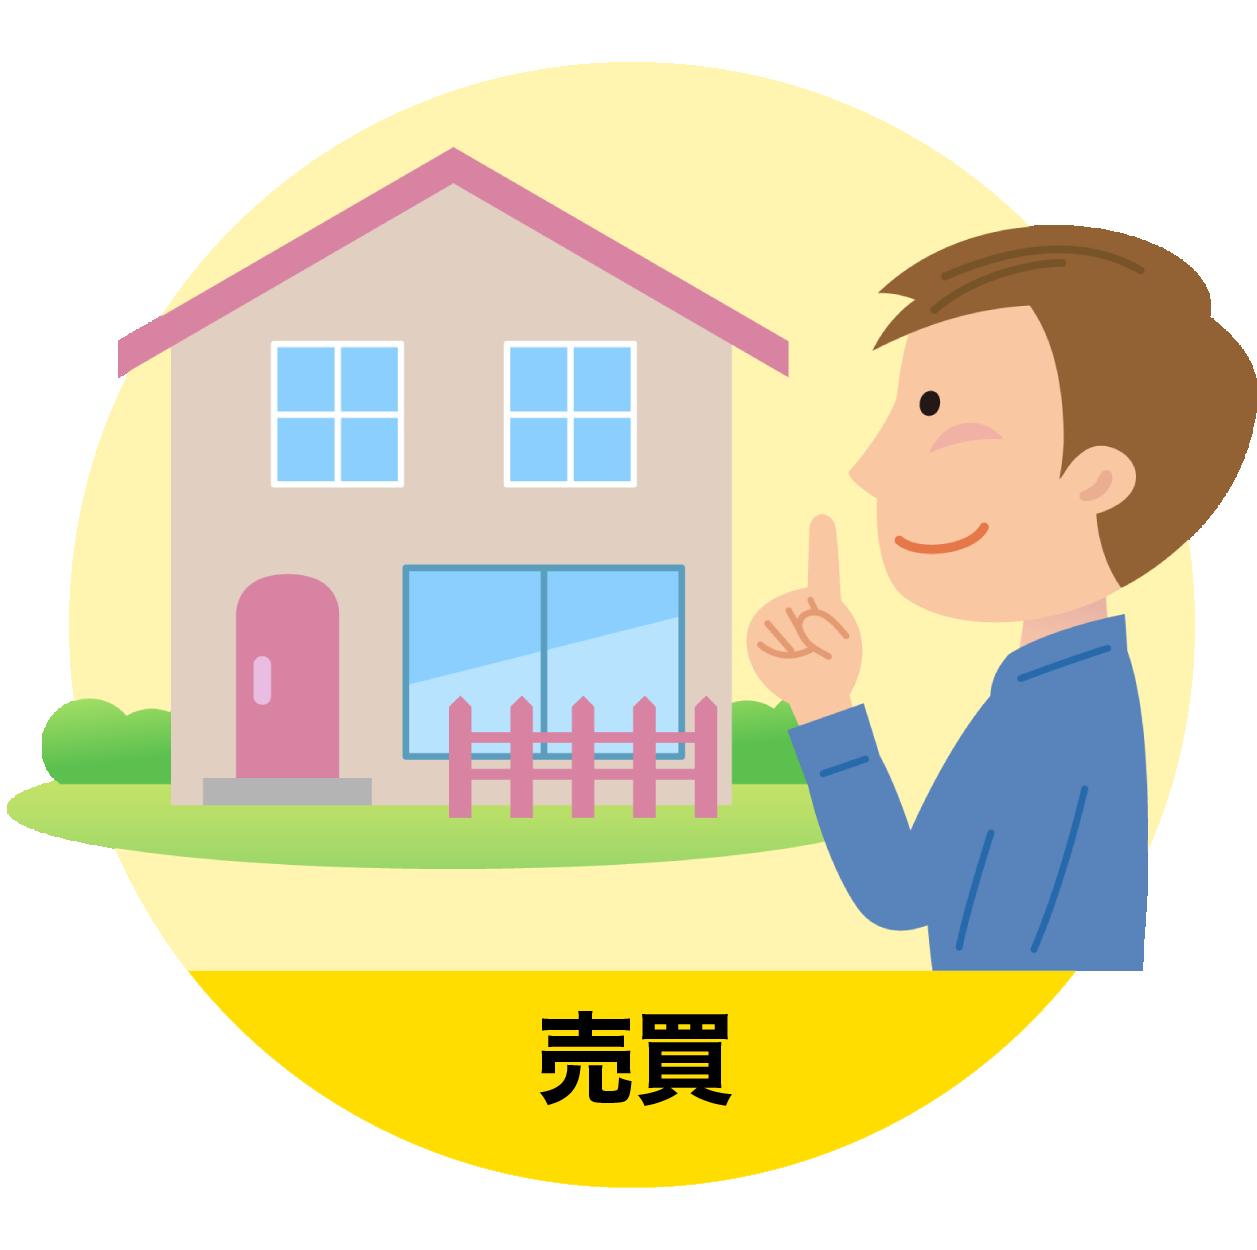 物件市場ポイントサービス:土地・建物を売却して現金にする